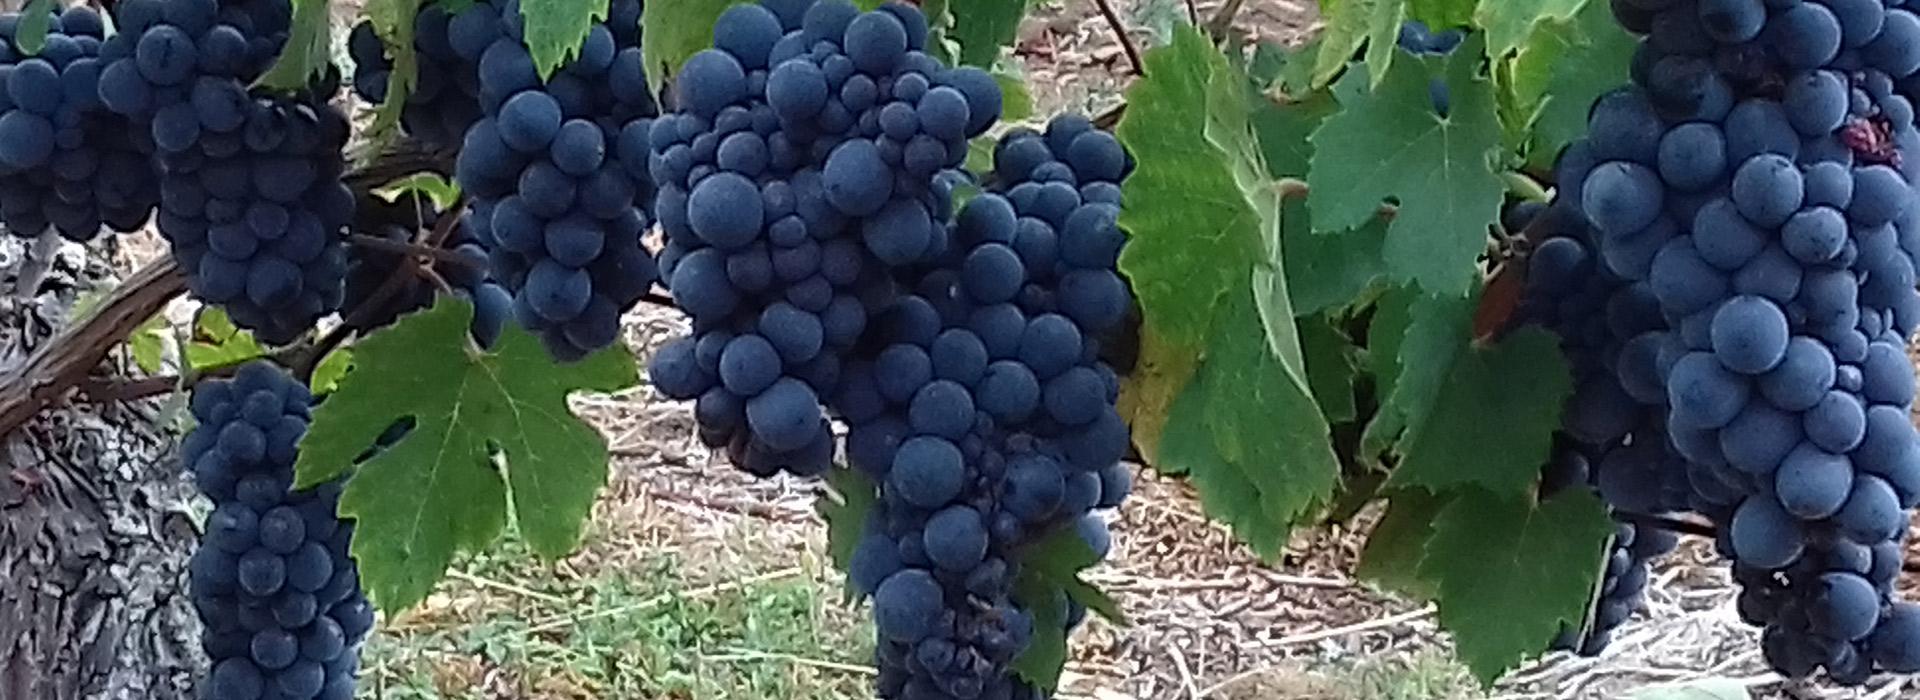 Domaine viticole thouars